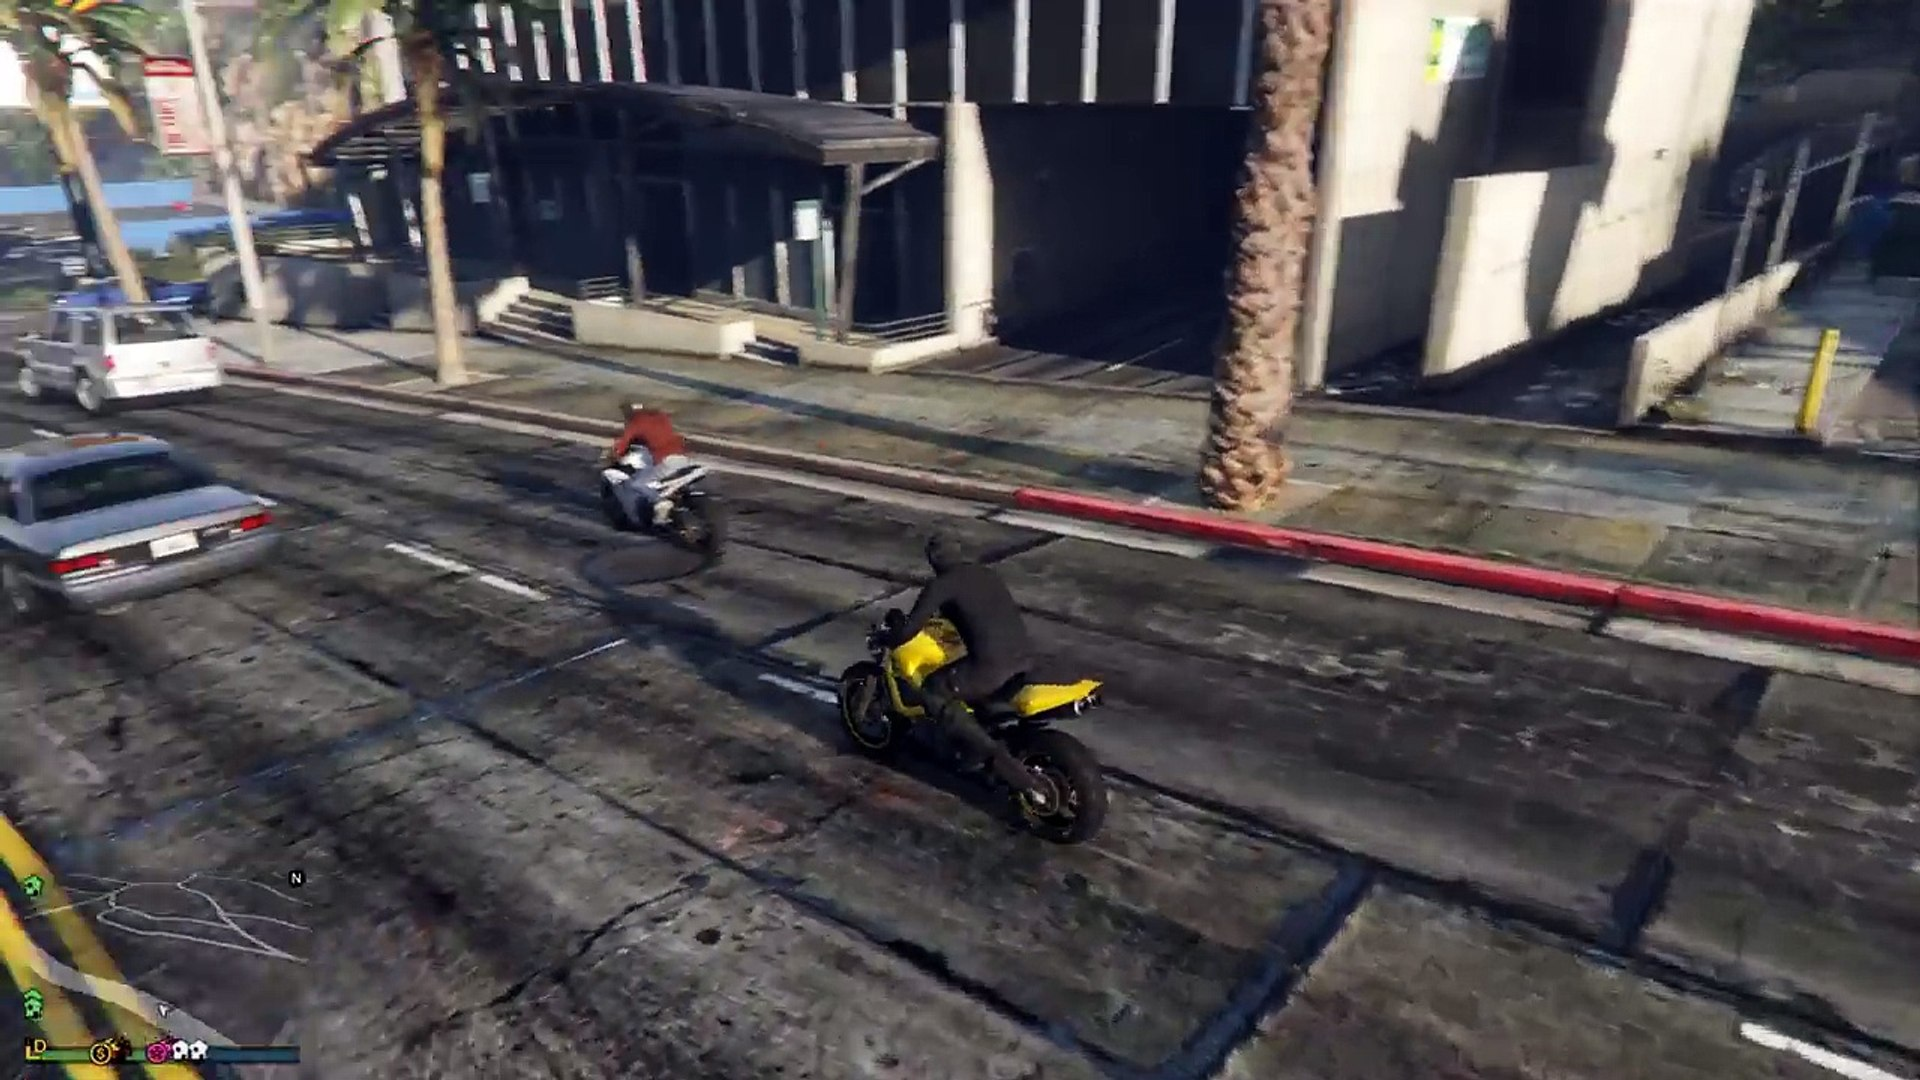 Làm Cướp Trong GTA V Tập 1 Kiếm Tiền Chuẩn Bị Mua Xe -GTA 5 KOP CITY #1 - ThanhTrungGM